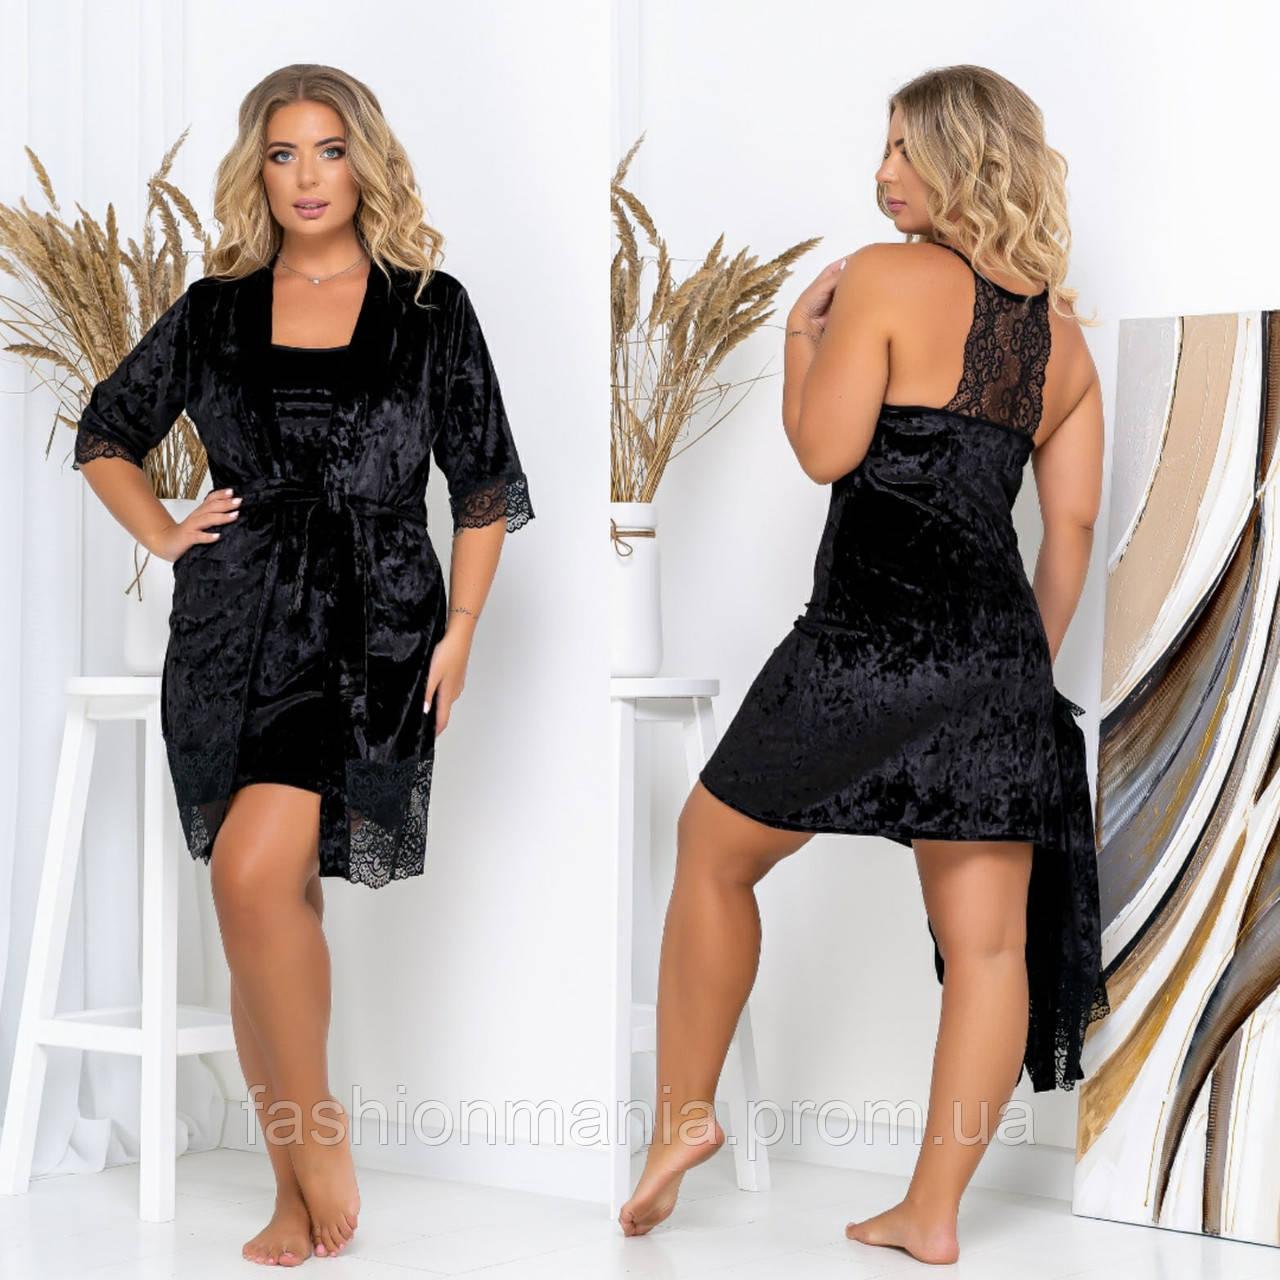 Комплект женский пижамный велюровый чёрный, синий, малиновый, оливка 48-50,52-54,56-58,60-62